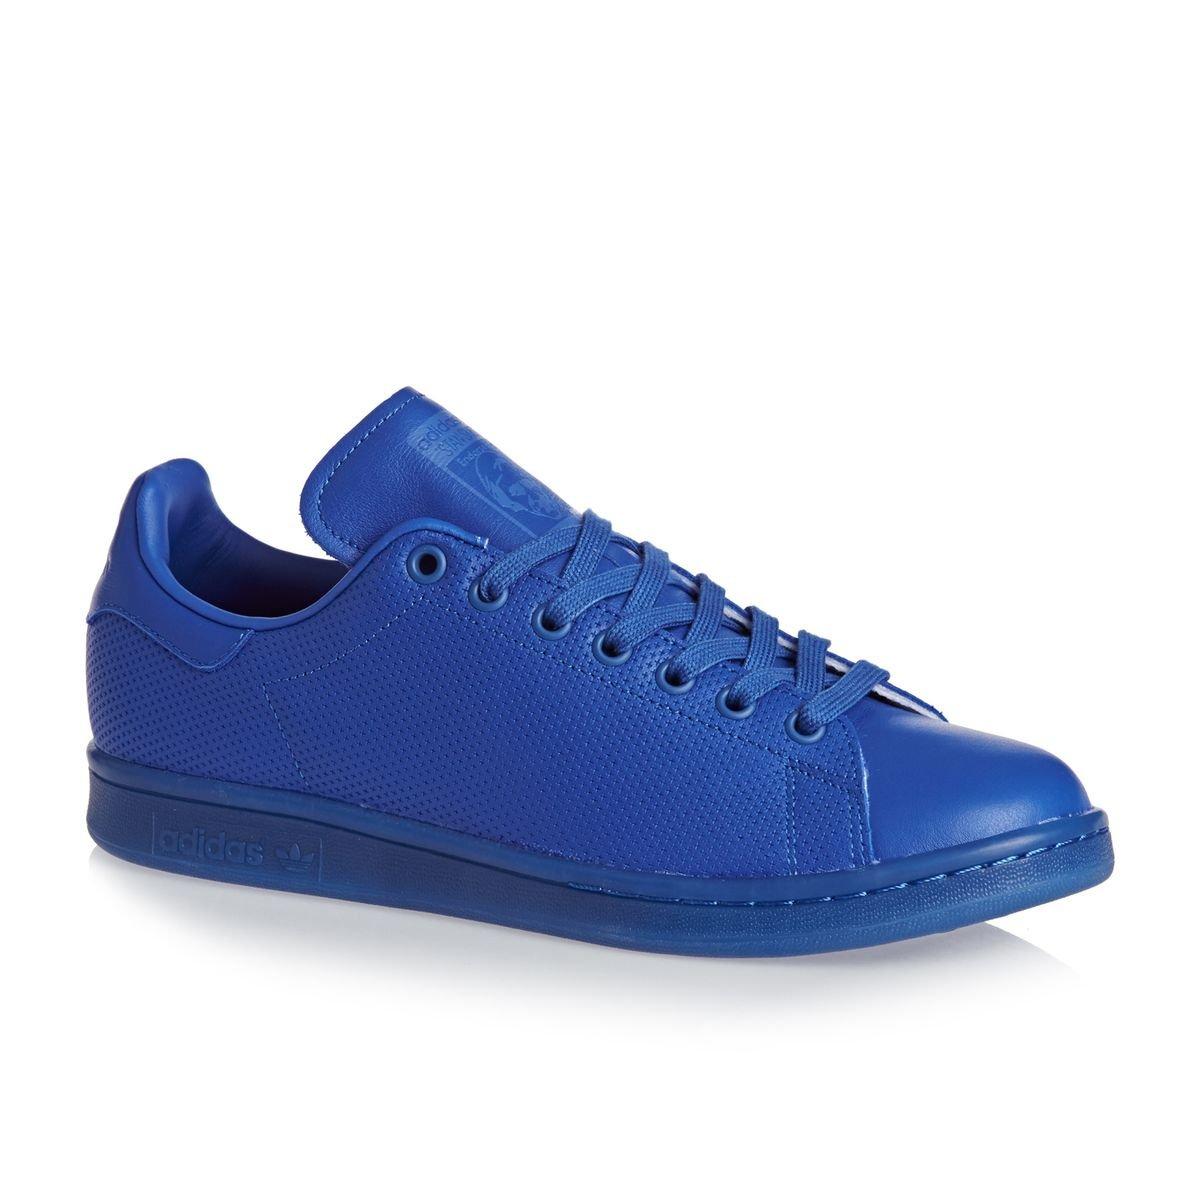 Adidas Originals Stan Smith Adicolor Hombres zapatilla de deporte azul S80246 42 EU azul